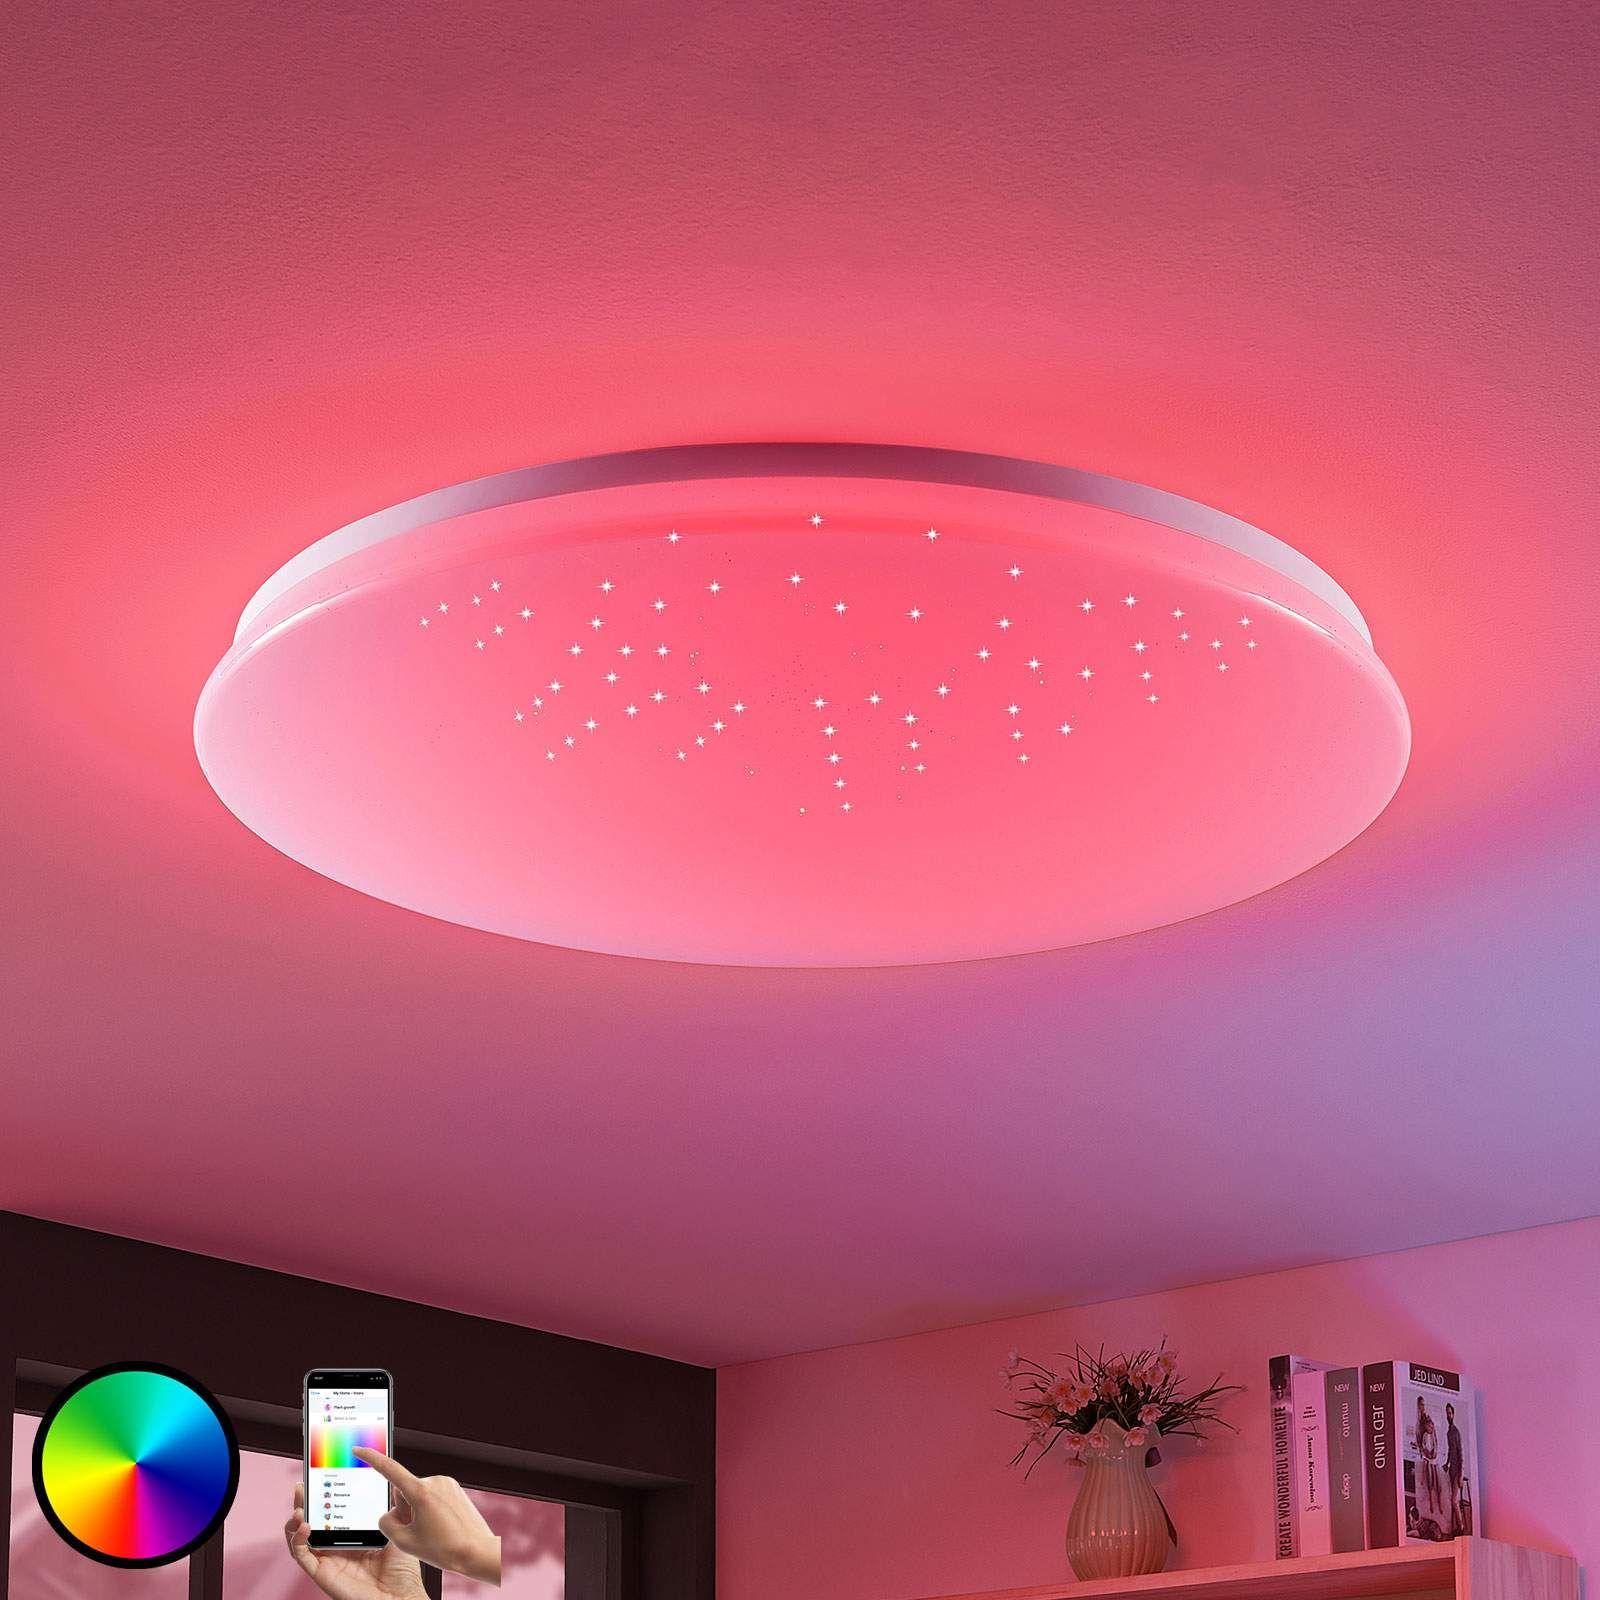 Led Deckenlampe Marlie Wiz Technologie Rund Led Deckenlampen Deckenlampe Und Led